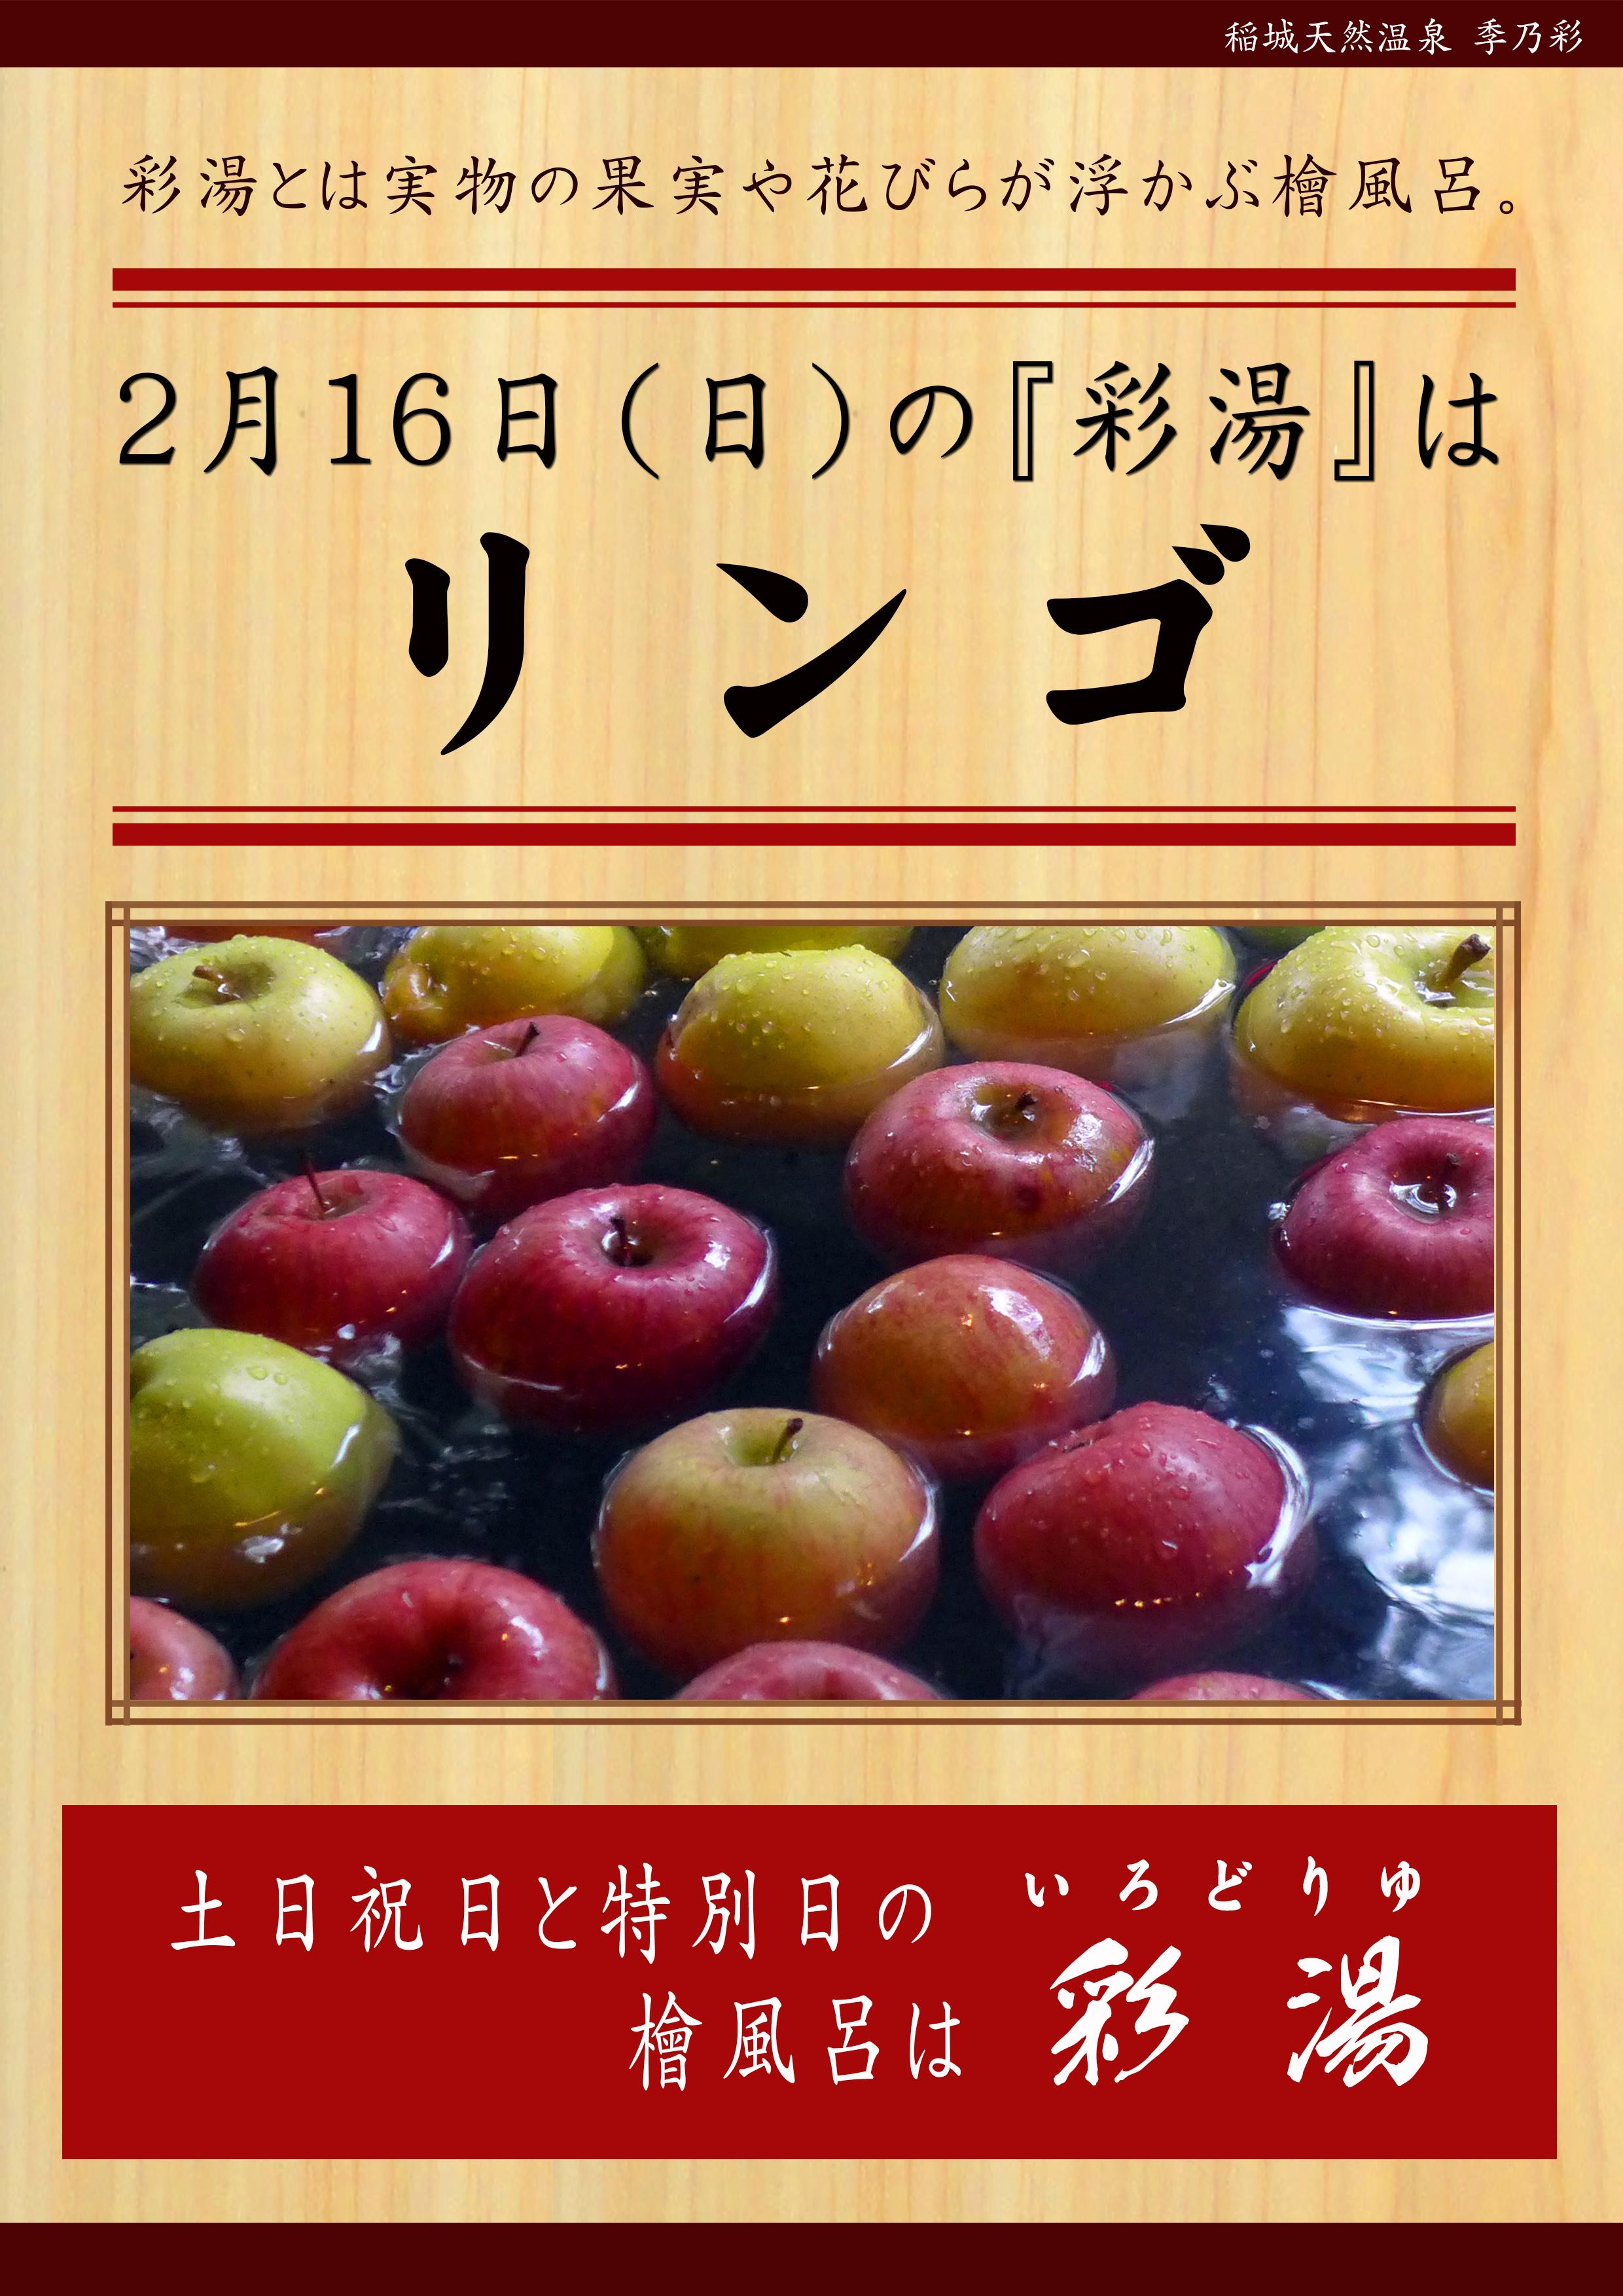 200216 POP イベント 彩湯 リンゴ